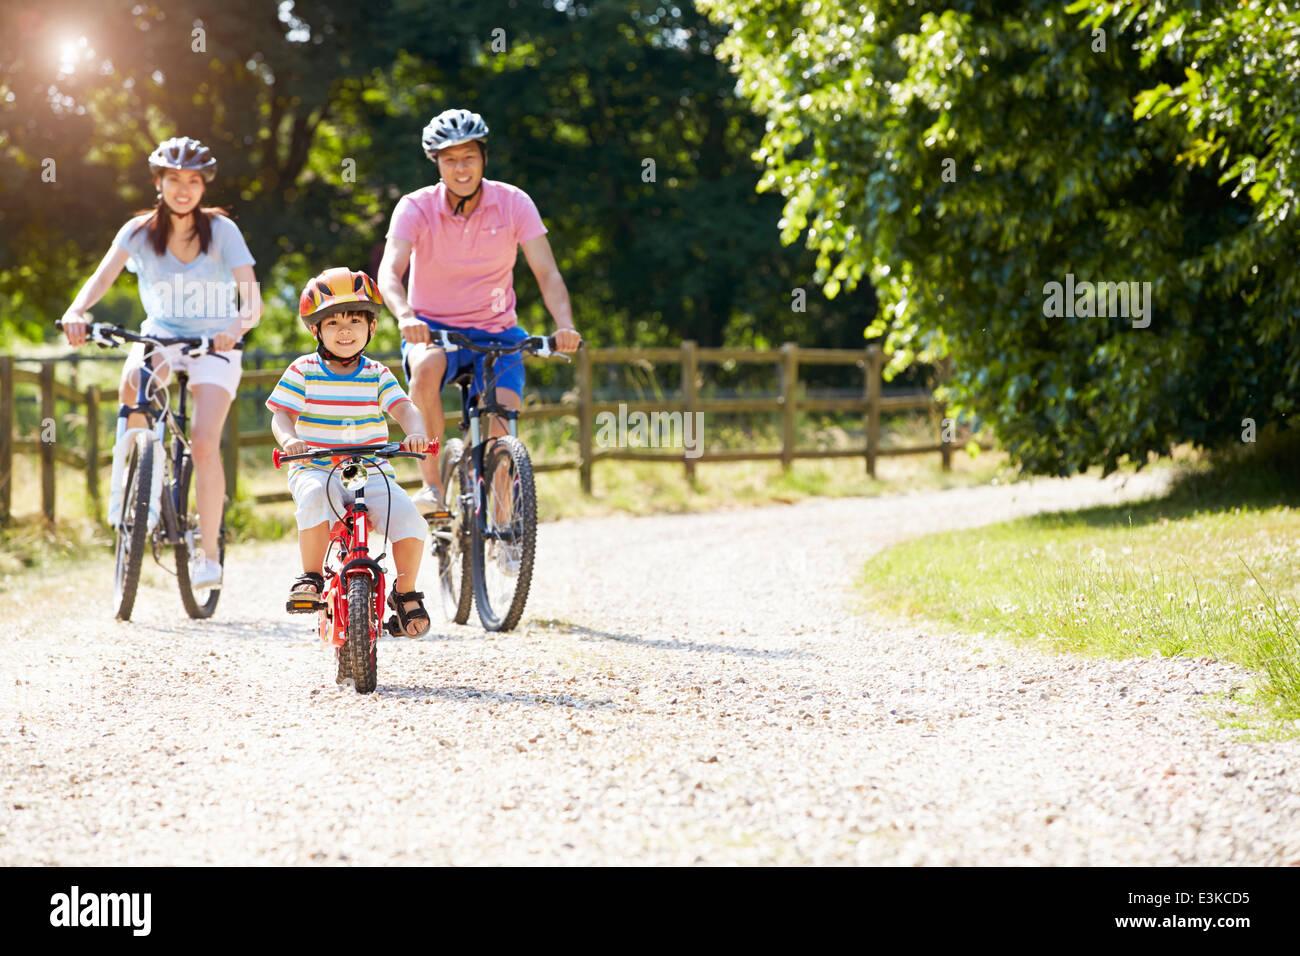 Familia de Asia en el Paseo en Bicicleta en el campo Imagen De Stock